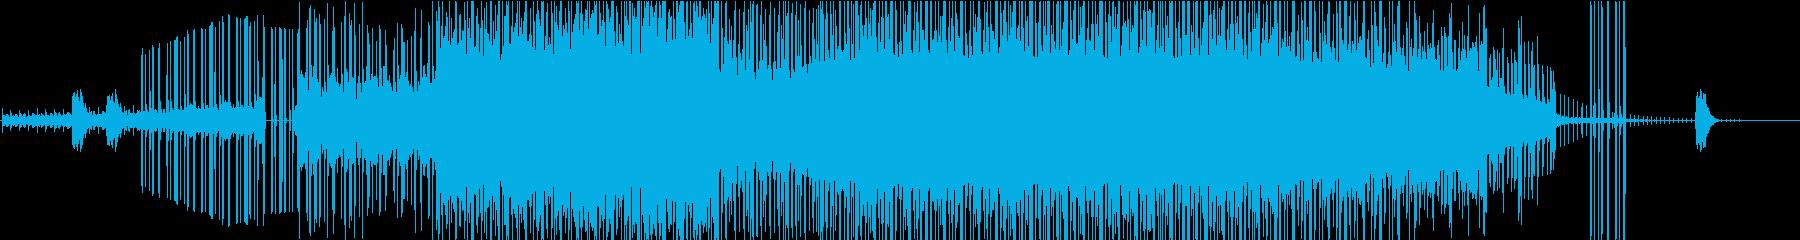 〜切ないシーンでの複雑な感情〜の再生済みの波形